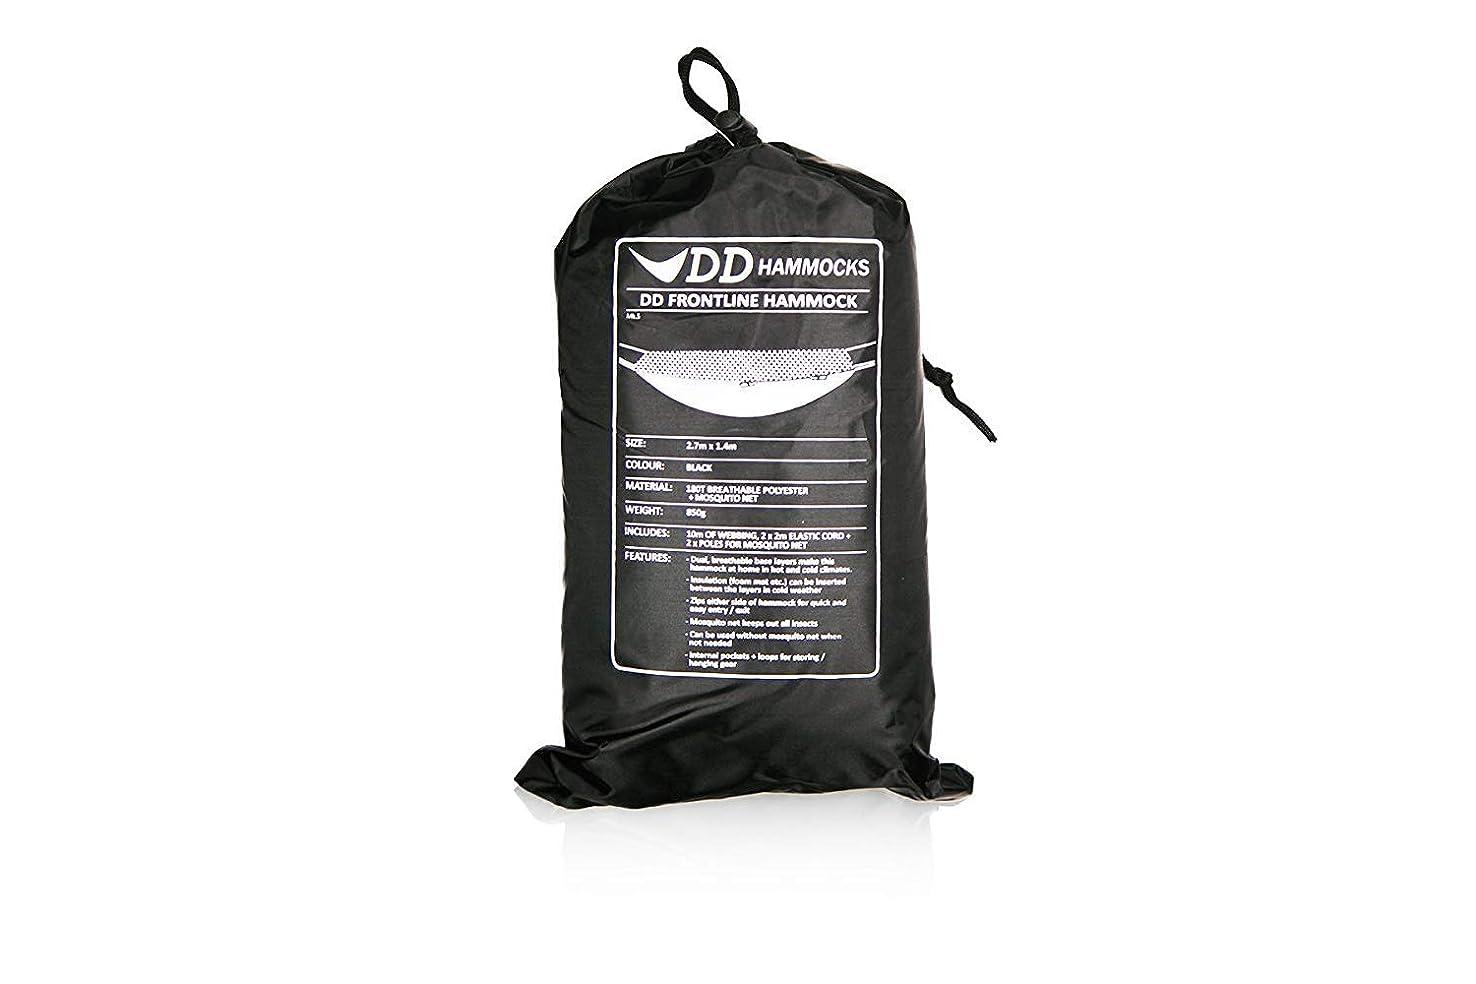 側溝矛盾するレーザWecamture ハンモック 軽量 超広い 耐荷重 350kg 2~3人用 風通し良い 野外 持ち運びやすい 速乾性 収納袋付き 固定用ロープ すぐ使える